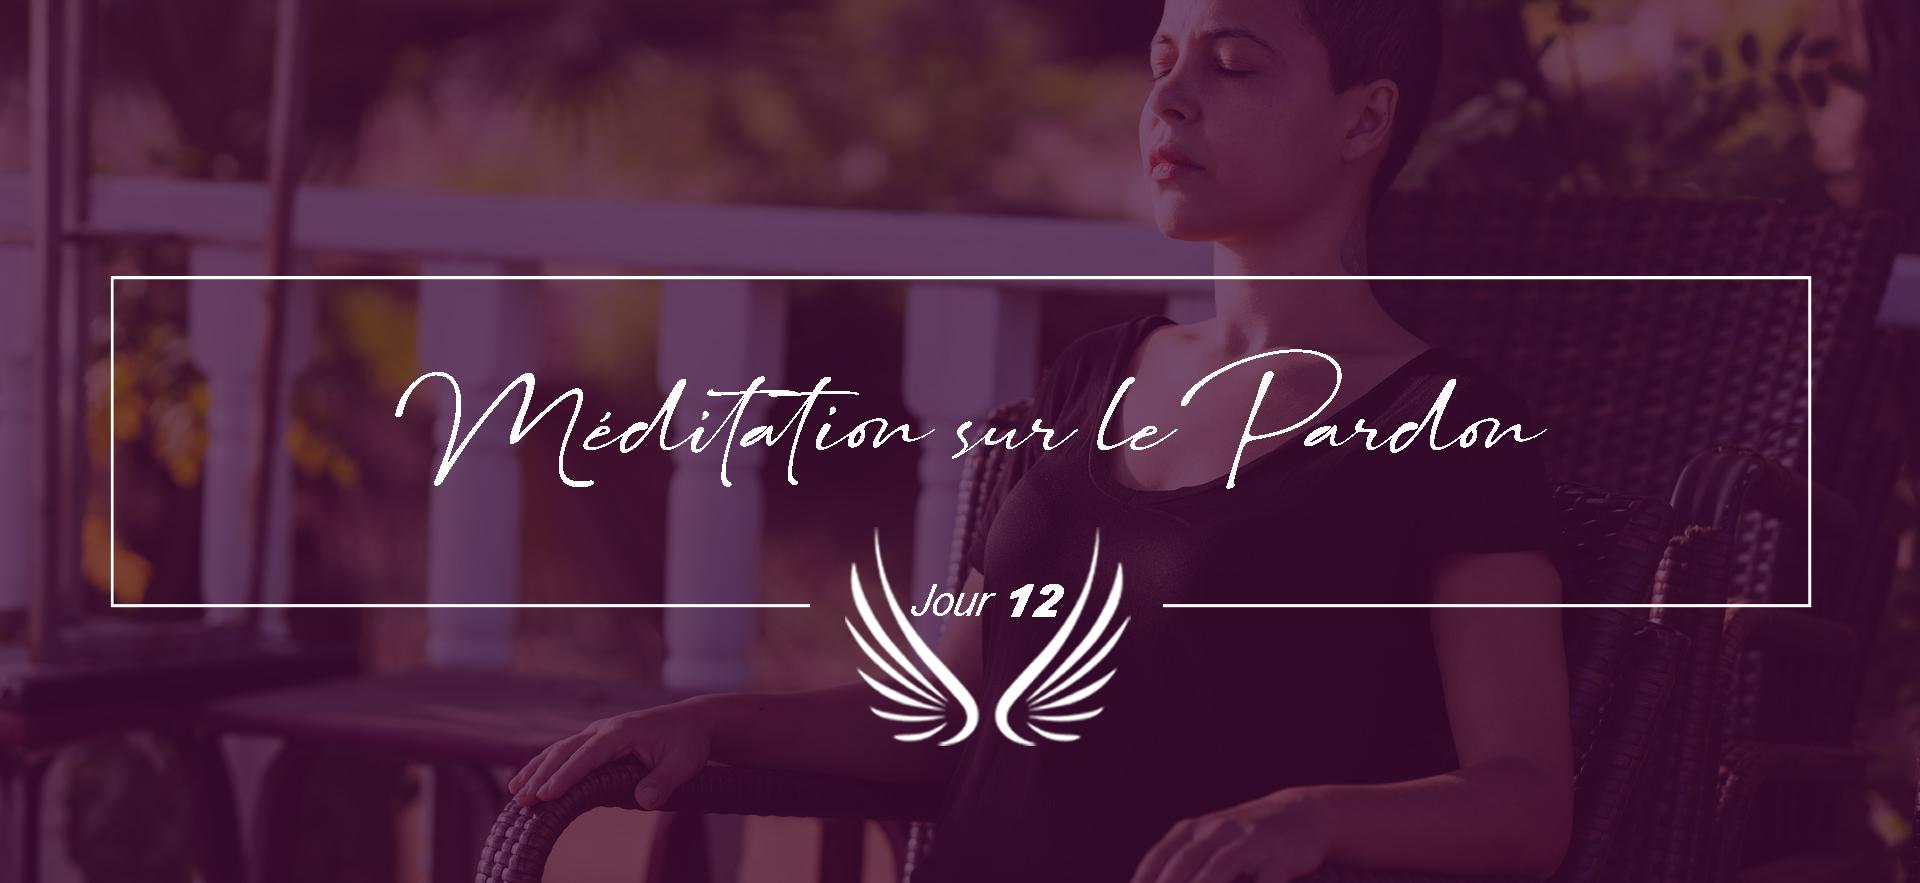 JOUR 12-MEDITATION SUR LE PARDON.png